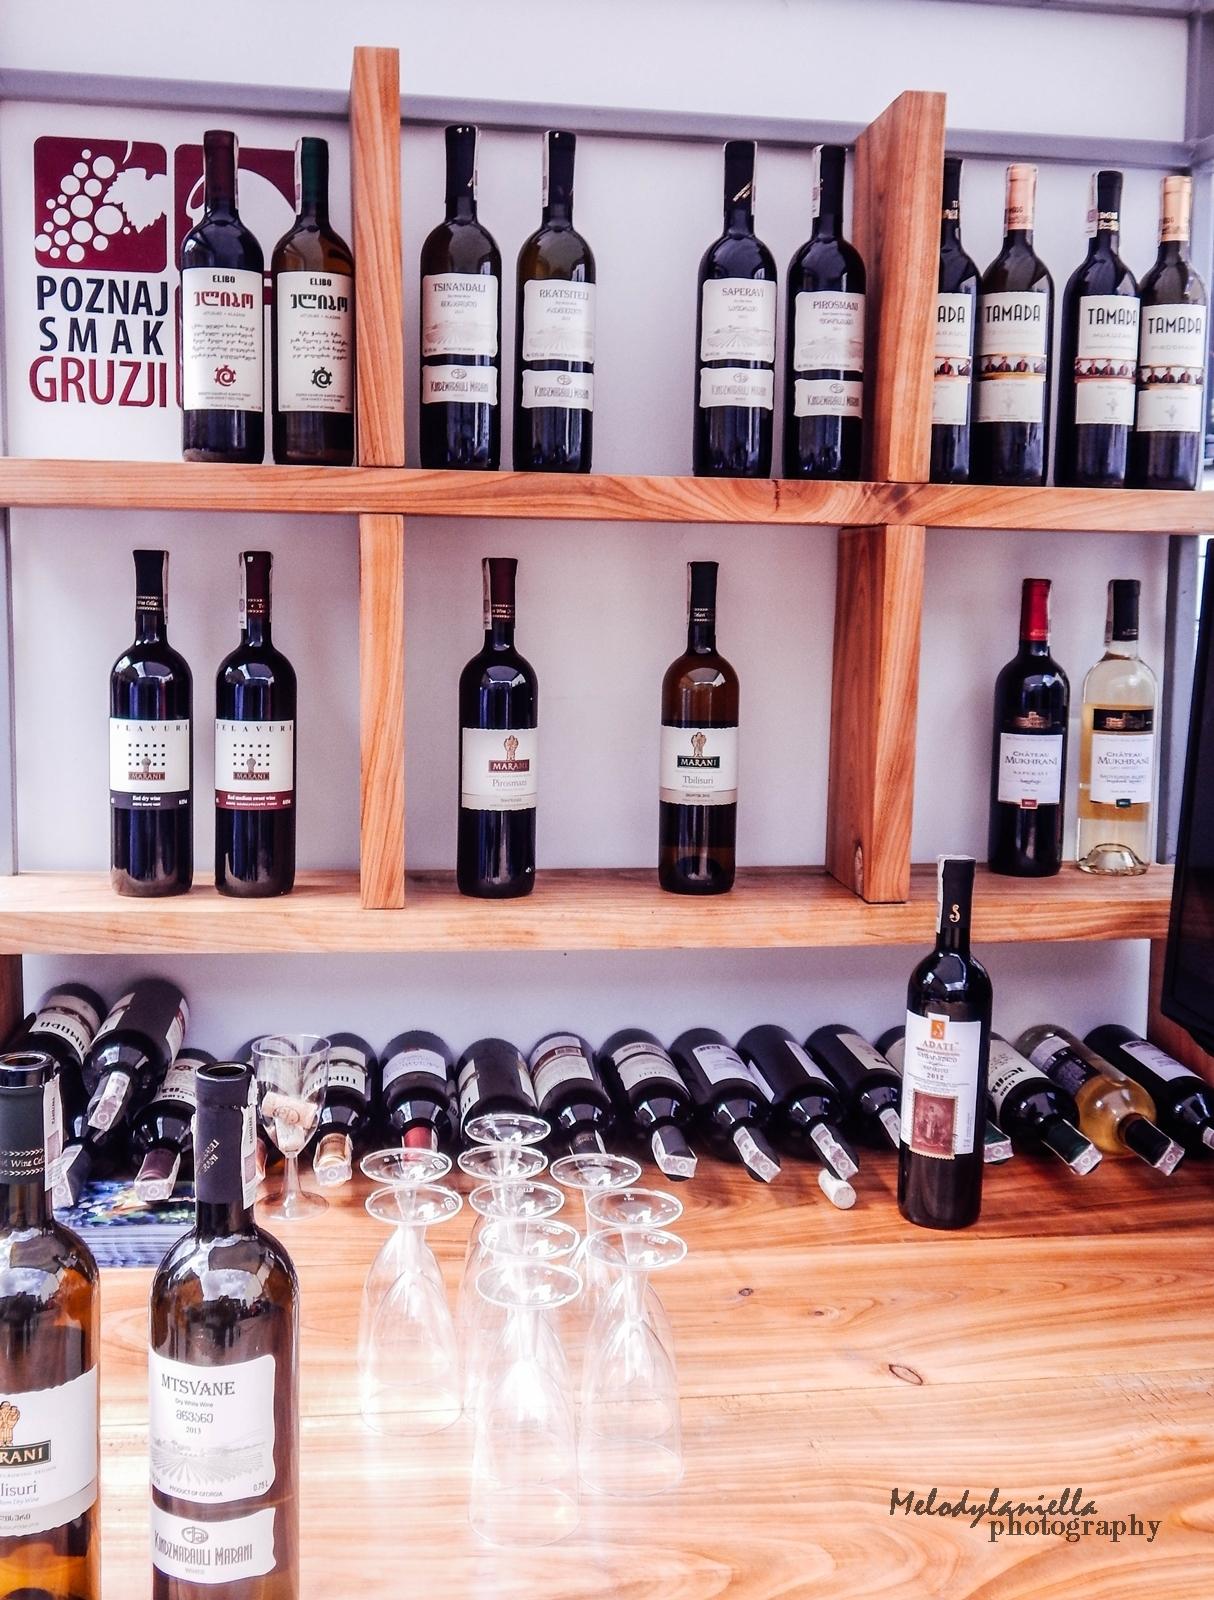 17 street food festival łódź piotrkowska 217 foodtruck jedzenie piwo wino burgery frytki cydr półsłodkie wina białe czerwone wina wytrawne i półwytrawne alma piotr i paweł